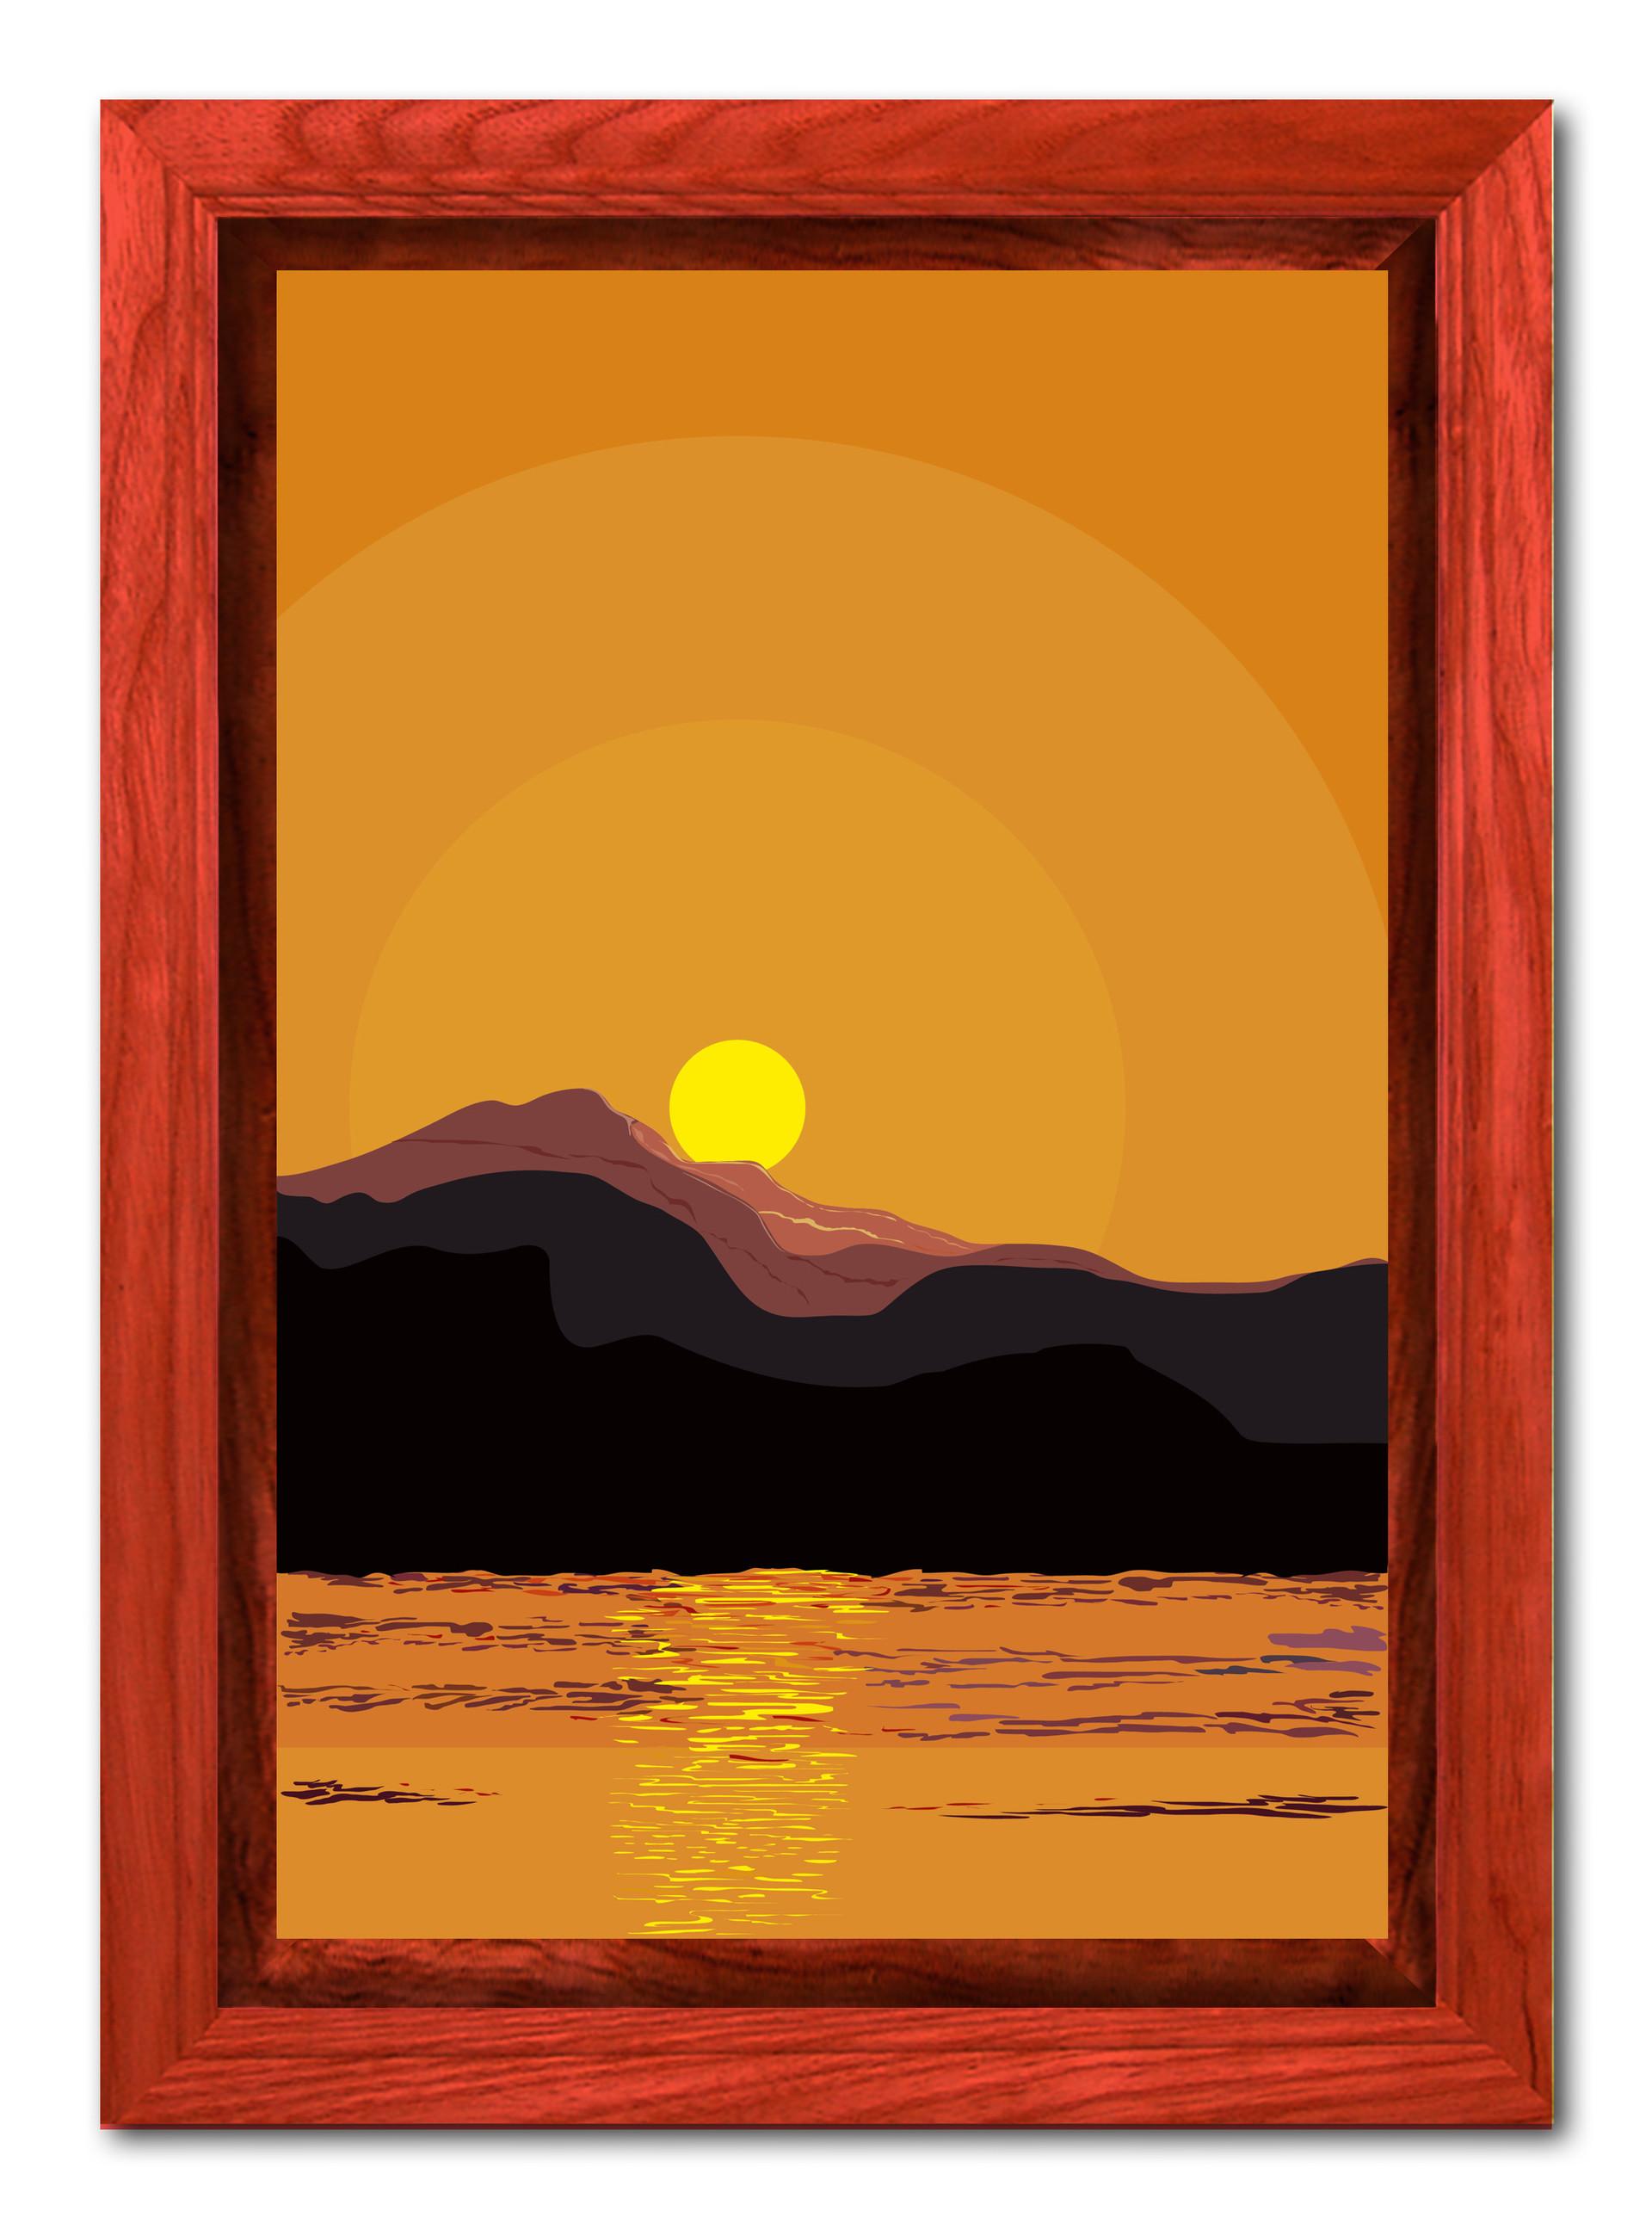 Rajesh r sawant dawn raw frame